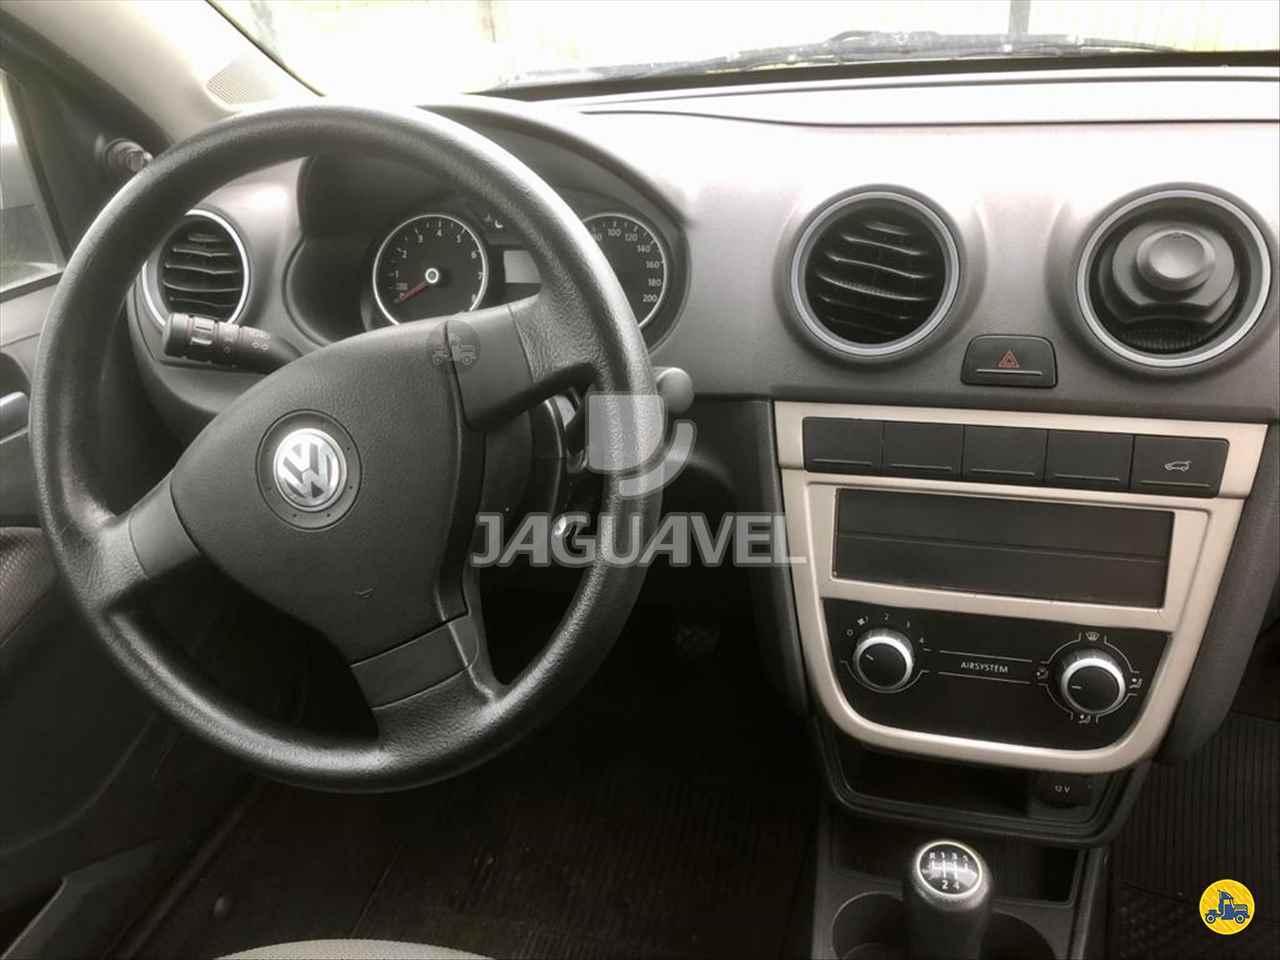 VW - Volkswagen Voyage 1.0 City  2011/2011 Jaguavel Caminhões